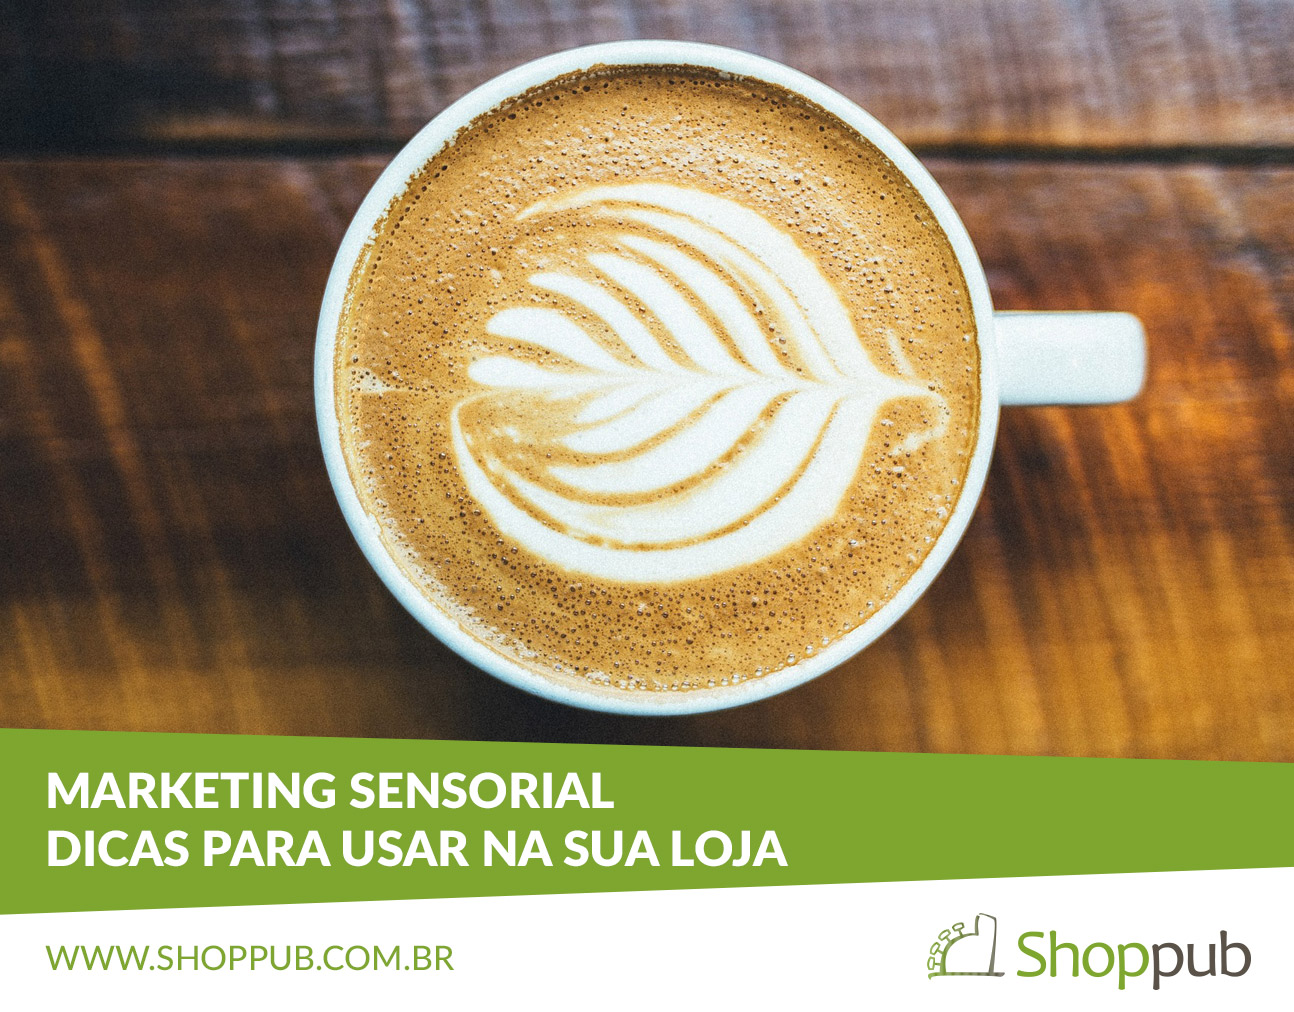 Marketing Sensorial: Dicas para usar na sua loja